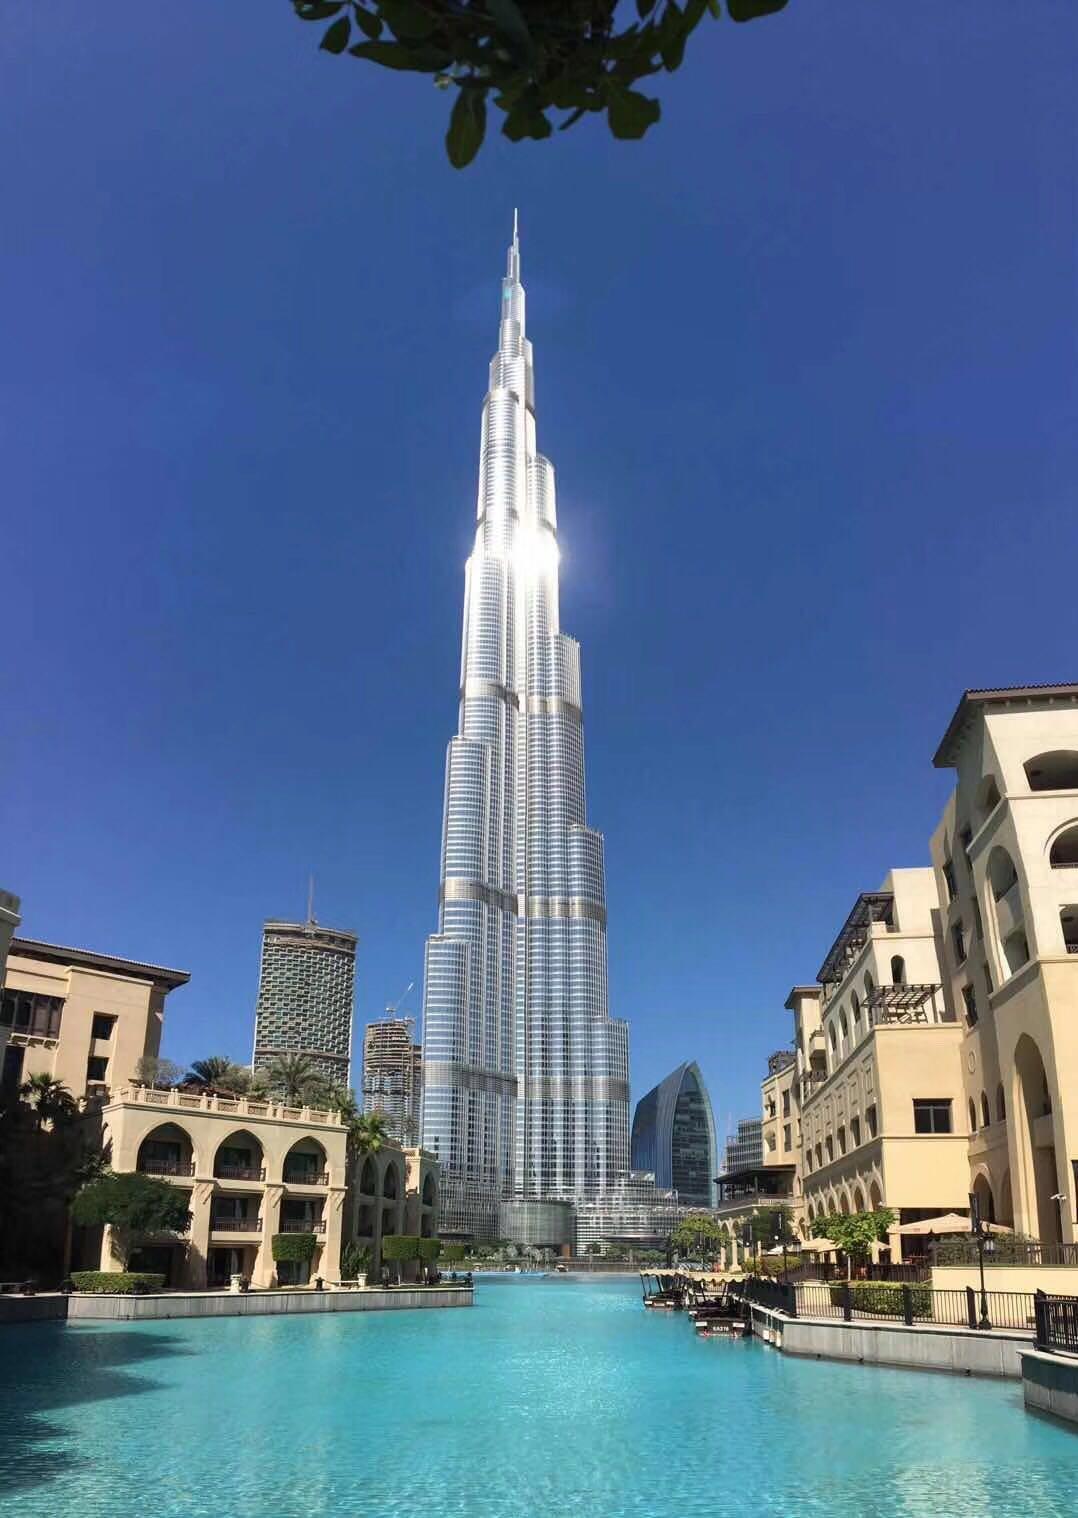 德国贝肯水管,进口水管,迪拜五大行业占